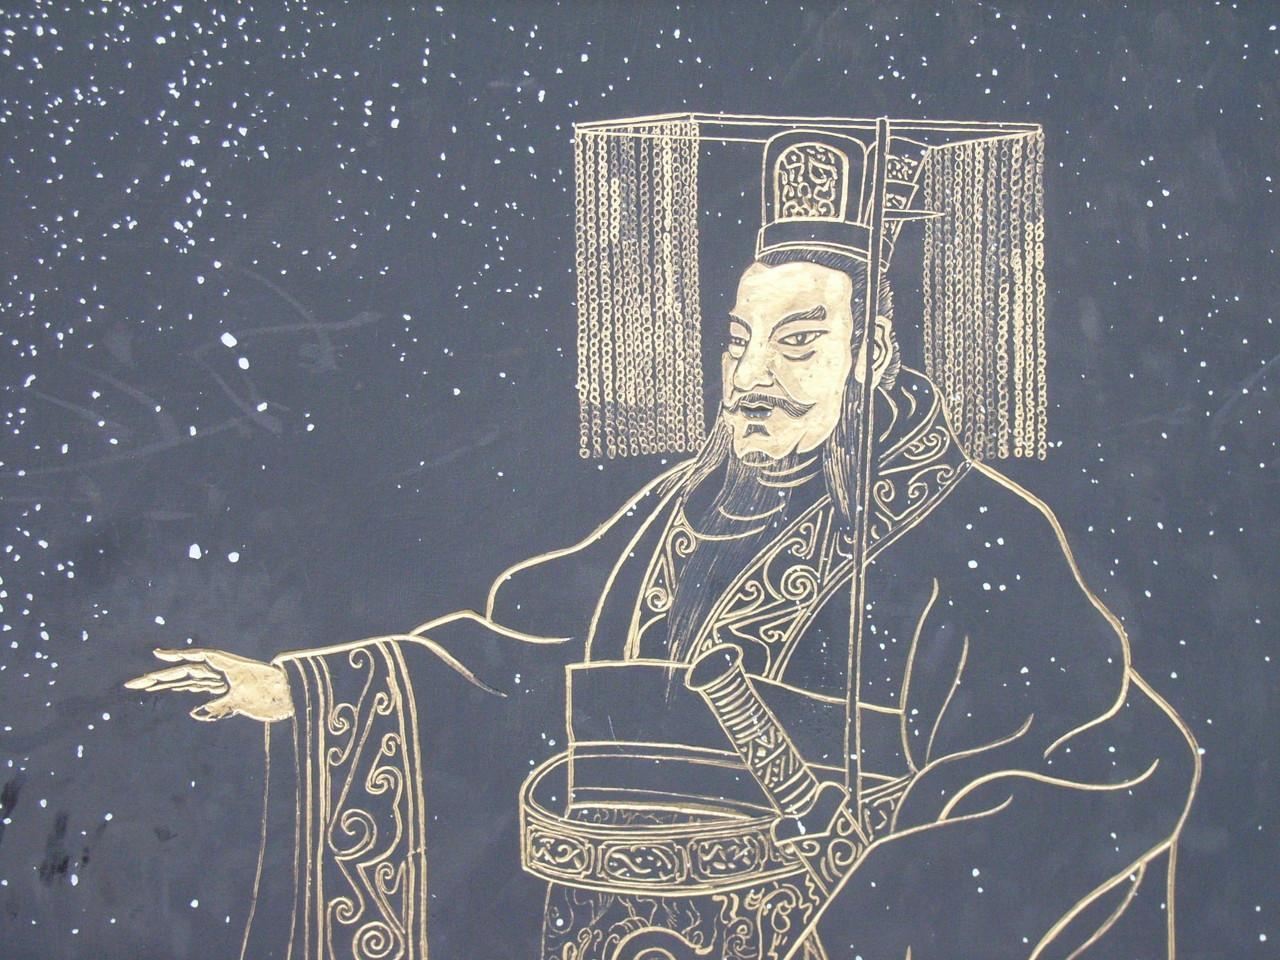 大秦帝国简史:从崛起到崩溃